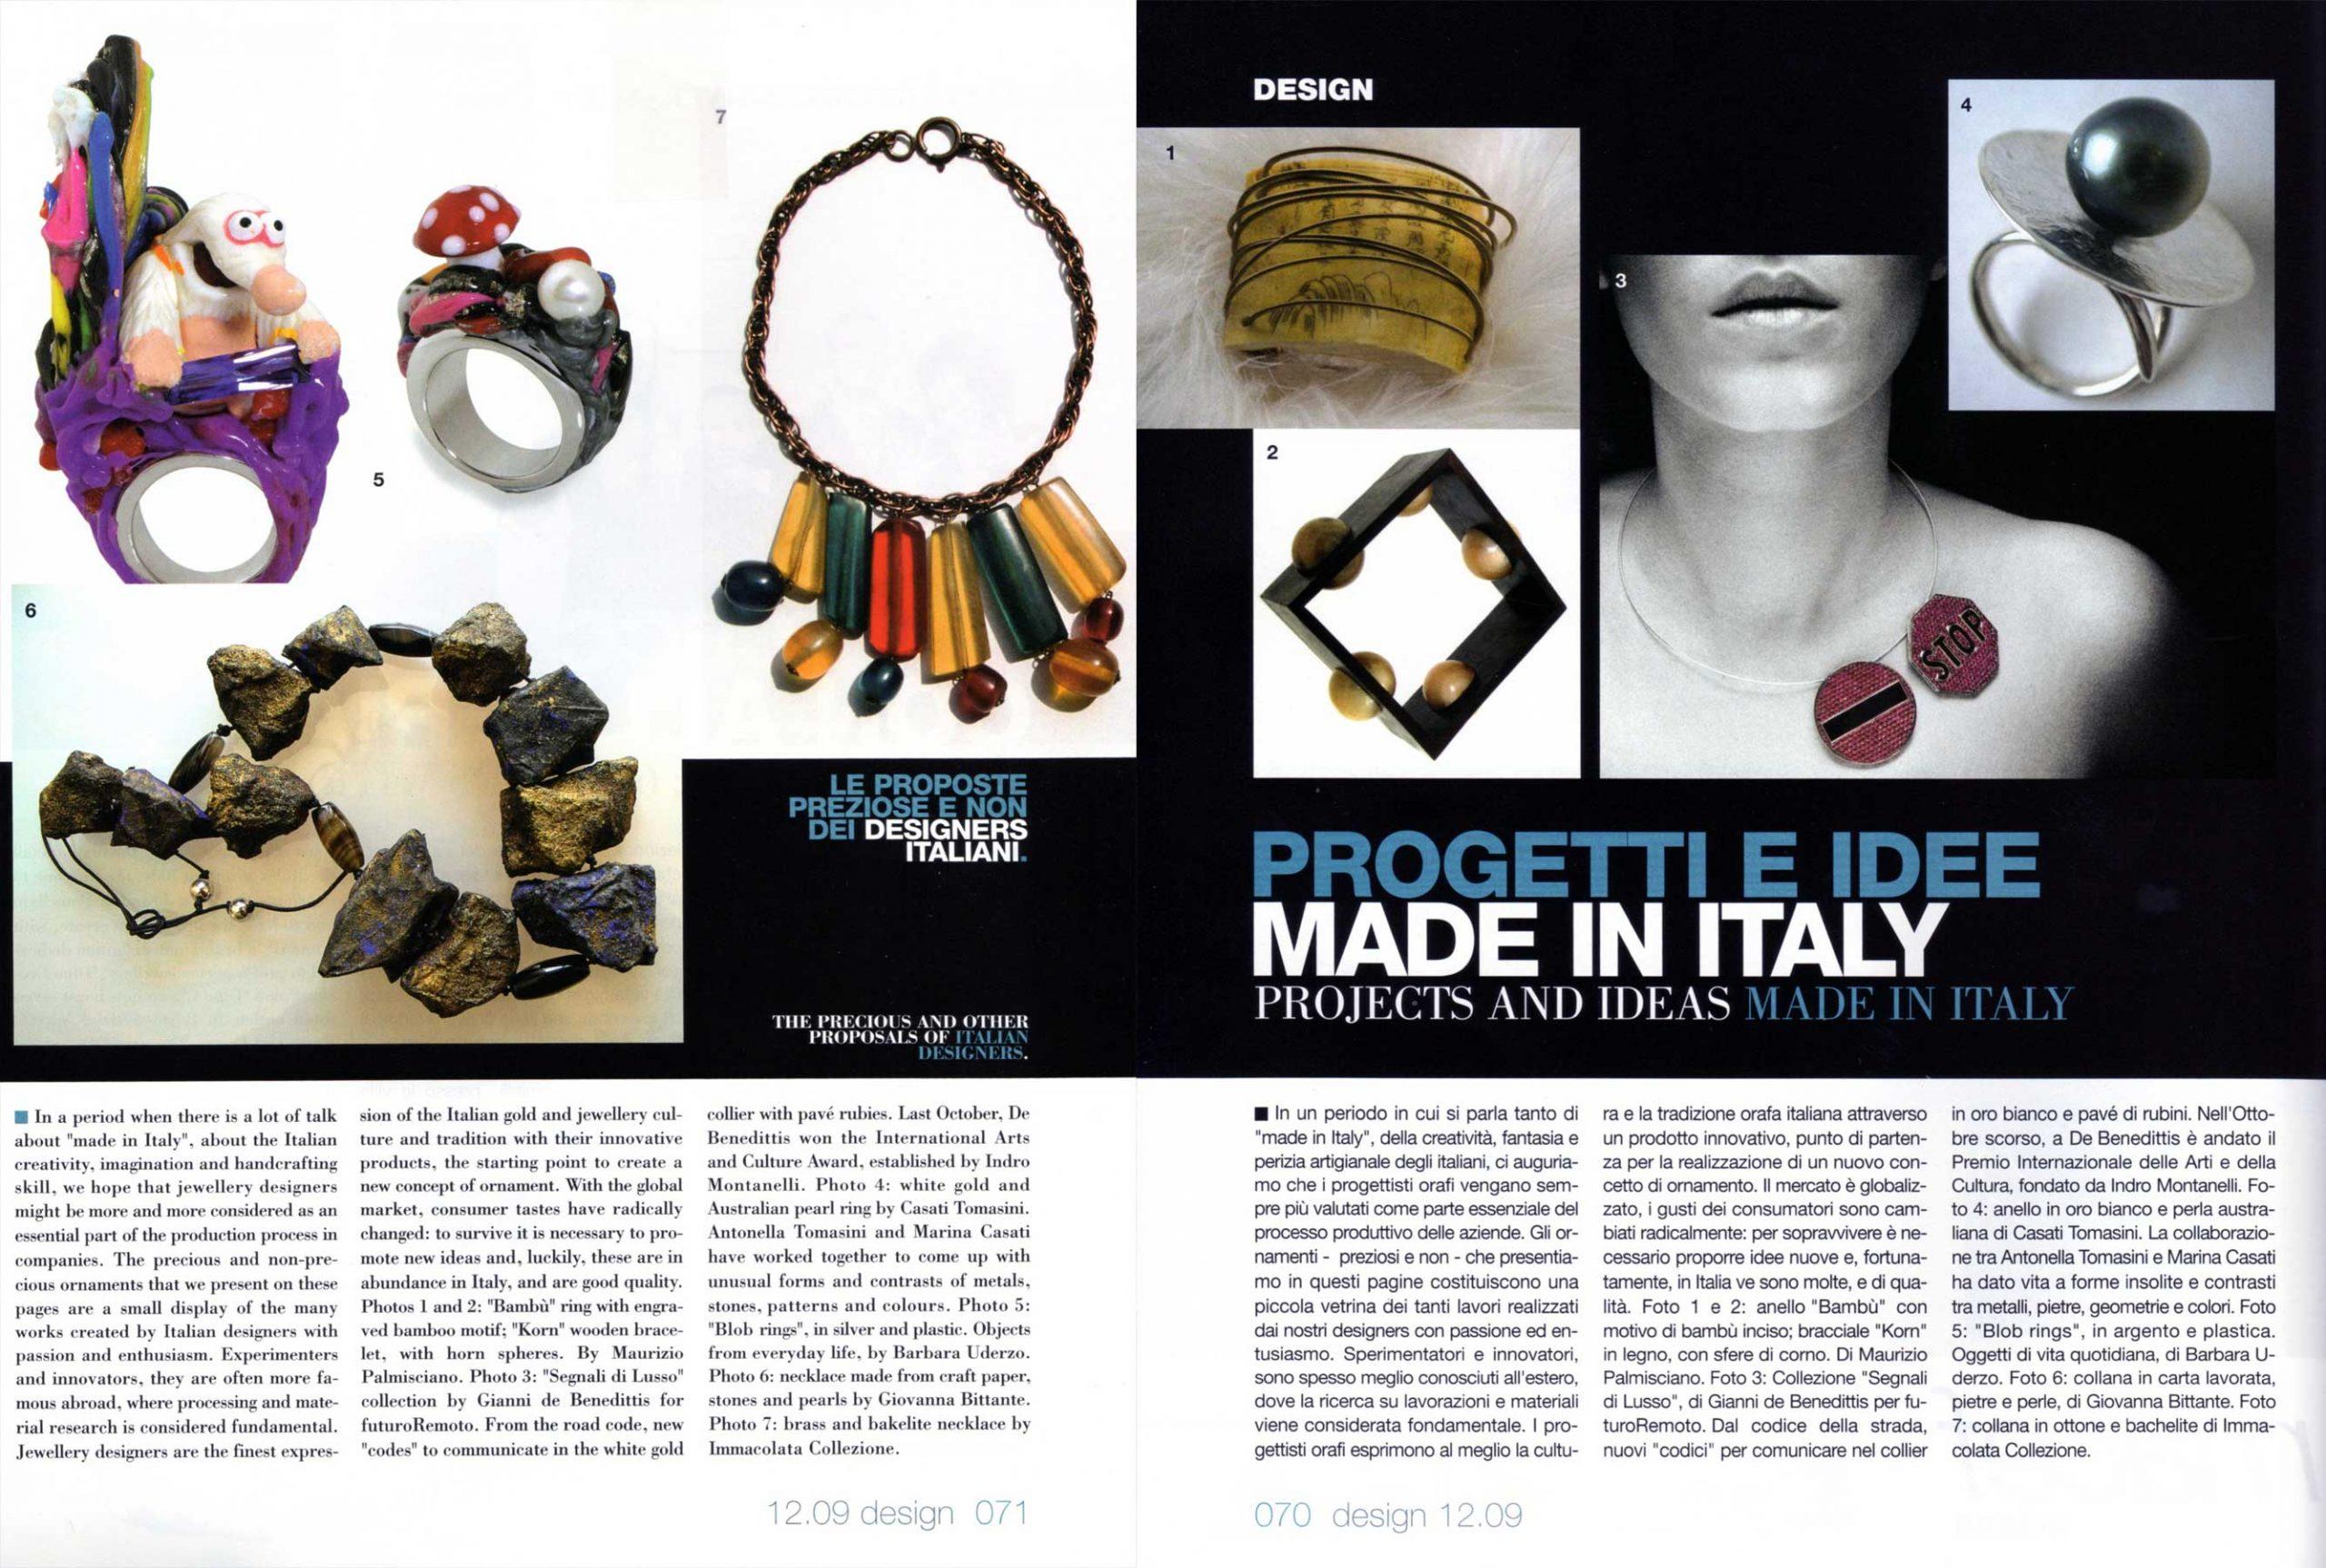 L'orafo Italiano - 2009 - Giovanna Bittante Design